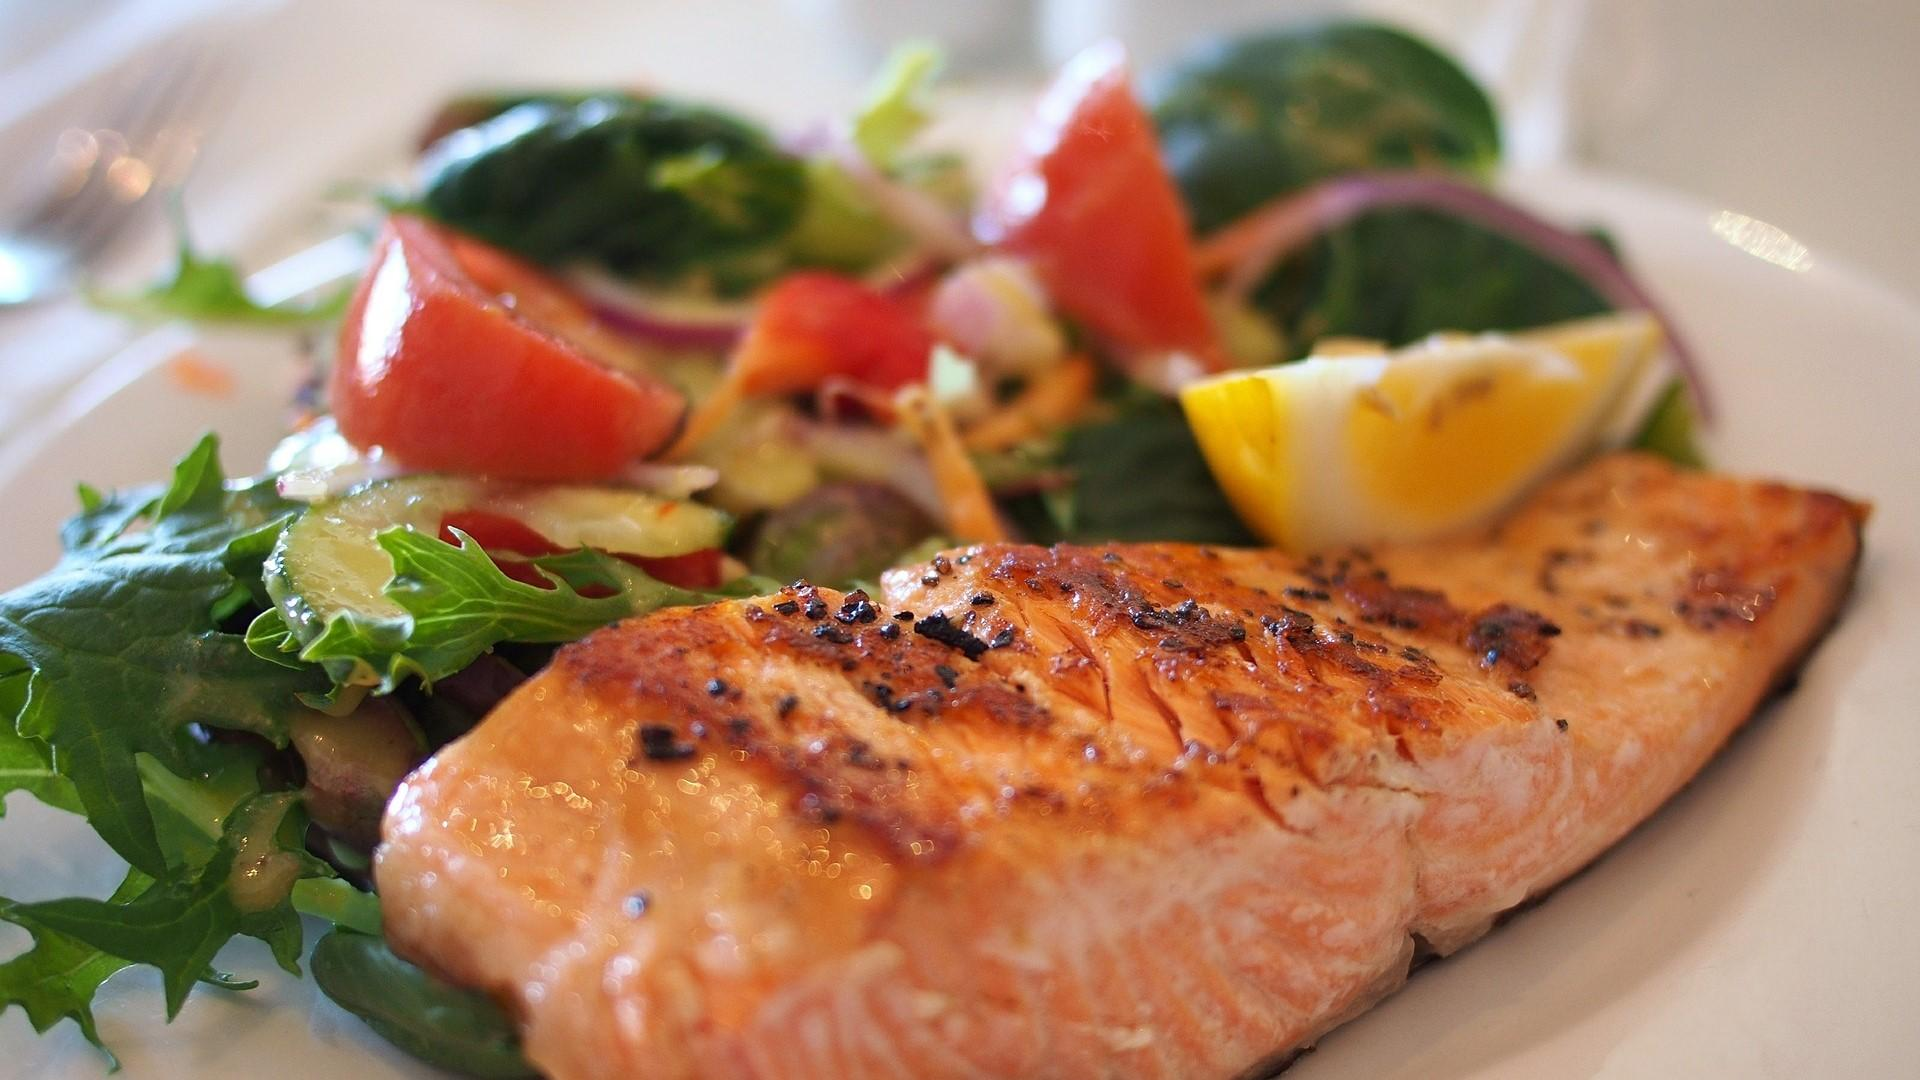 Welcher Fisch ist gesund? - Das sind die gesündesten Fischsorten